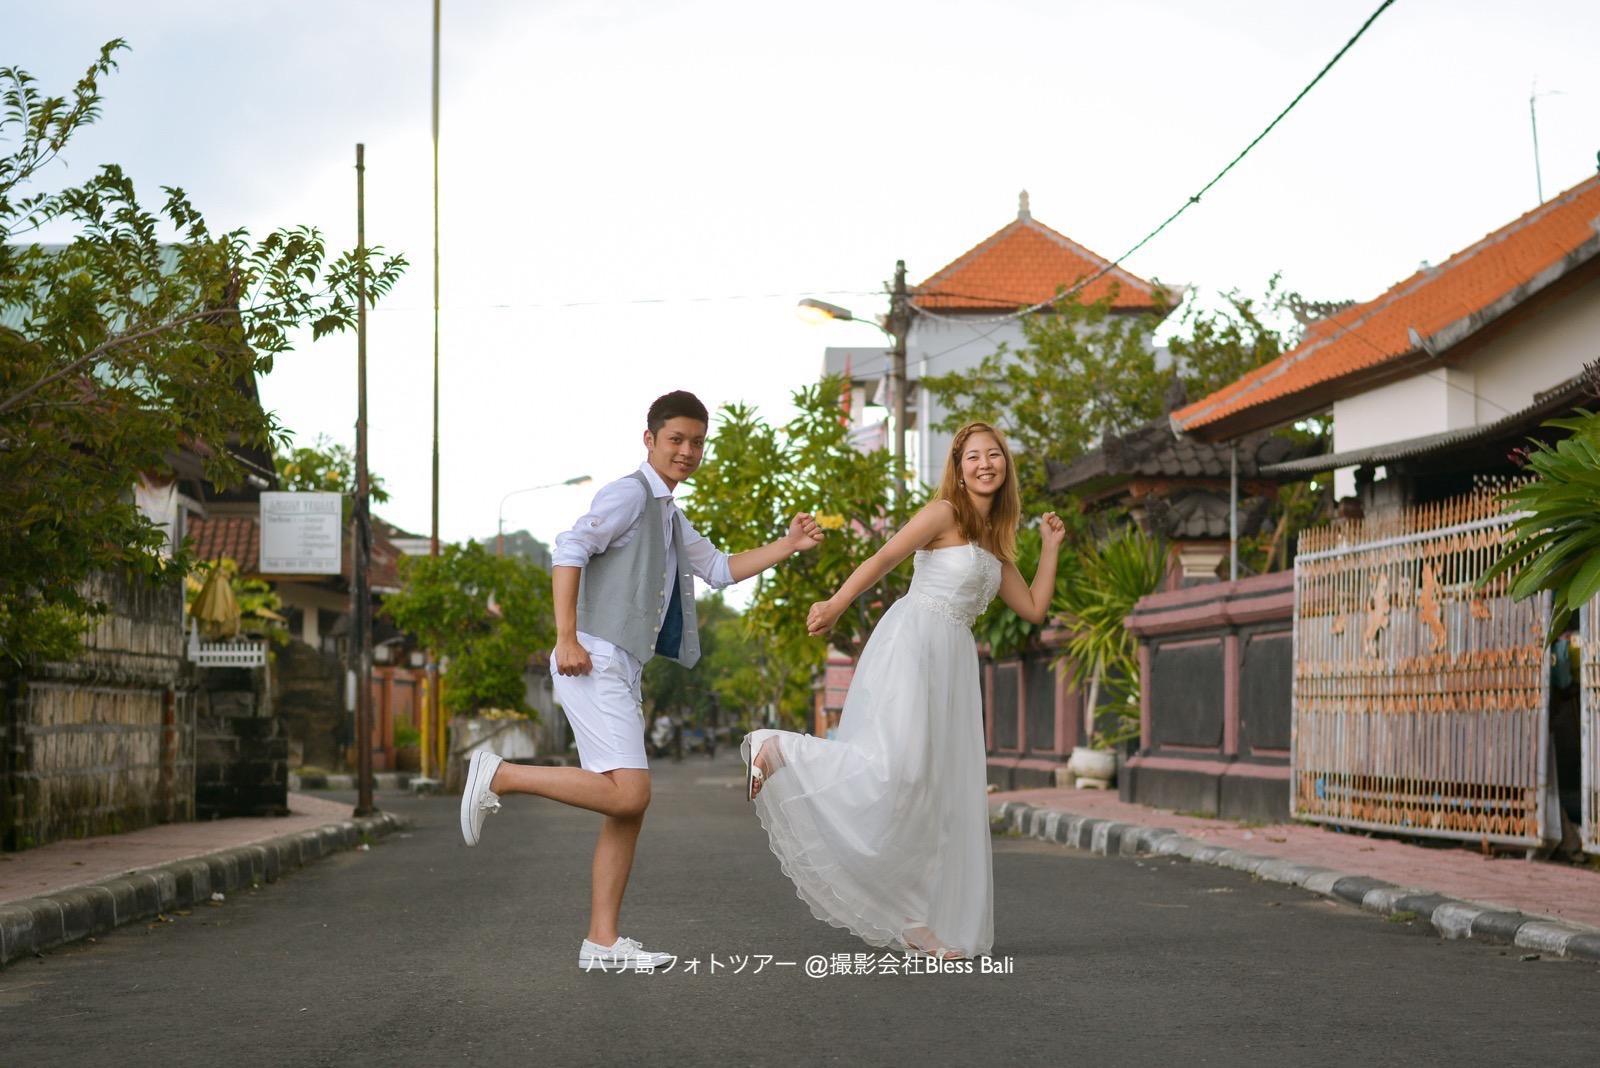 バリ島タウンフォト撮影